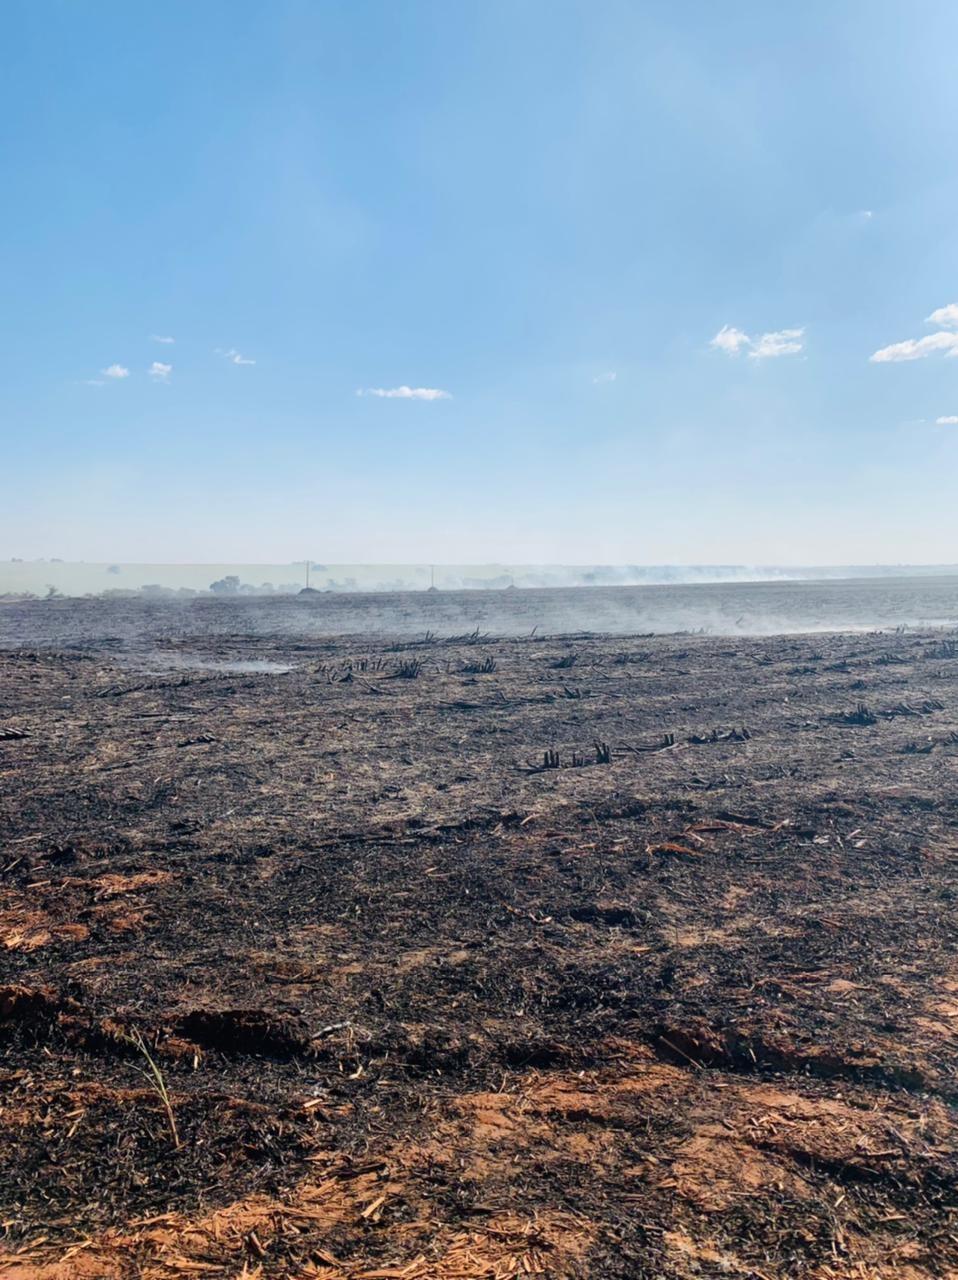 Incêndio queima área de vegetação equivalente a 224 campos de futebol na BR-452 próximo a Tupaciguara